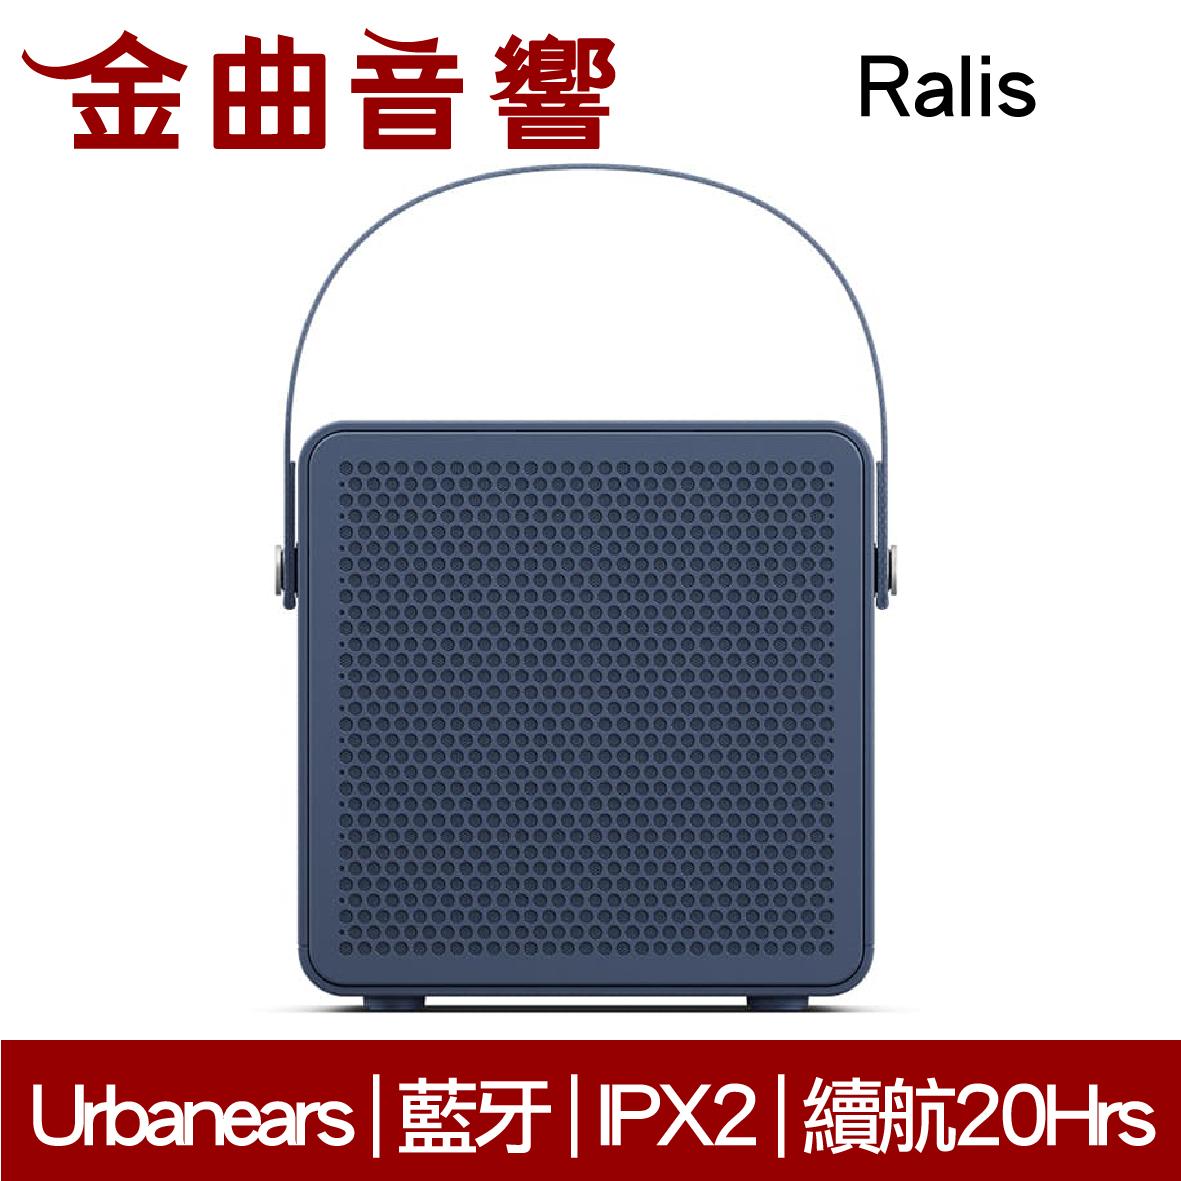 Urbanears Ralis 三色可選 手提式 藍牙喇叭 IPX2 20Hrs續航   金曲音響